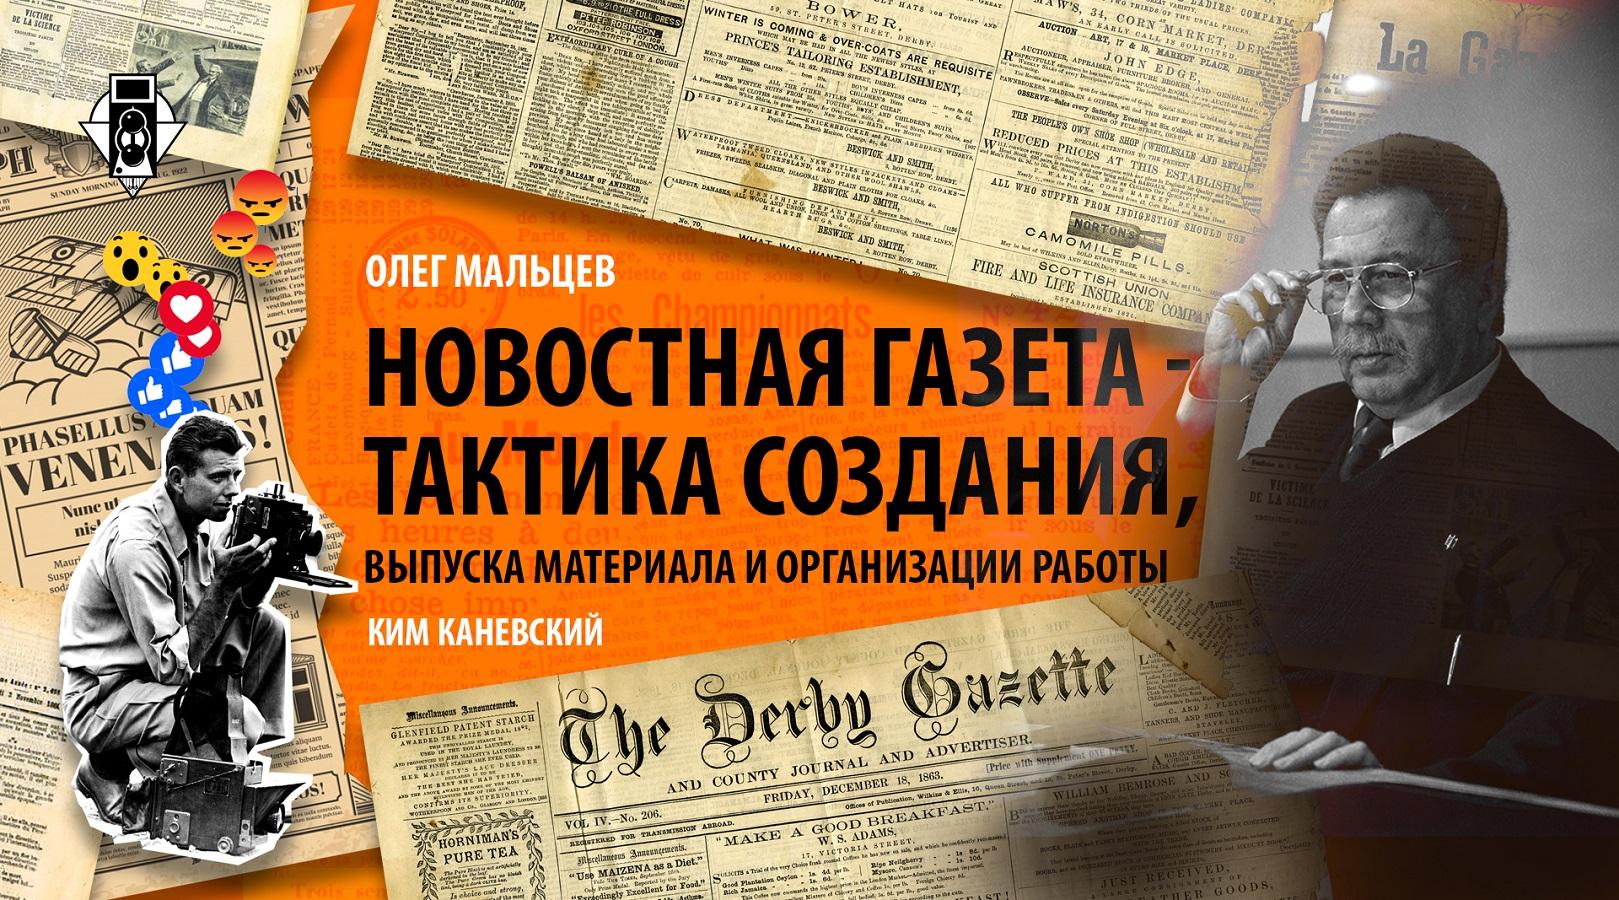 Новостийный феномен. Вступление к новой книге академика О.В. Мальцева о природе, истории, теории и практике новостного издания